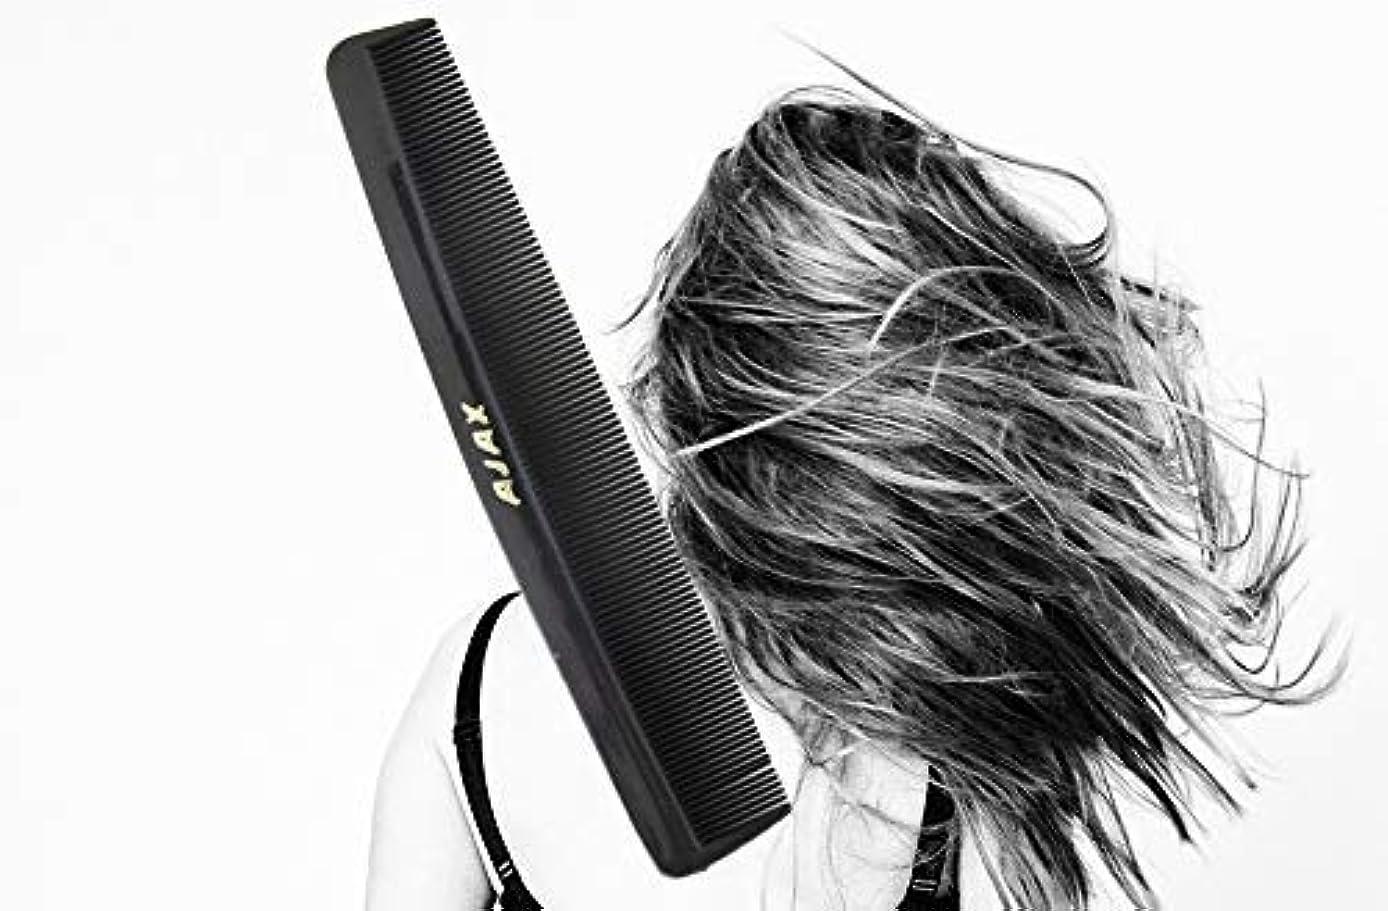 普遍的な結婚するファブリックAjax Unbreakable Hair Combs Super Flexible Pocket Sized - Proudly Made in the USA (Pack of 6) [並行輸入品]